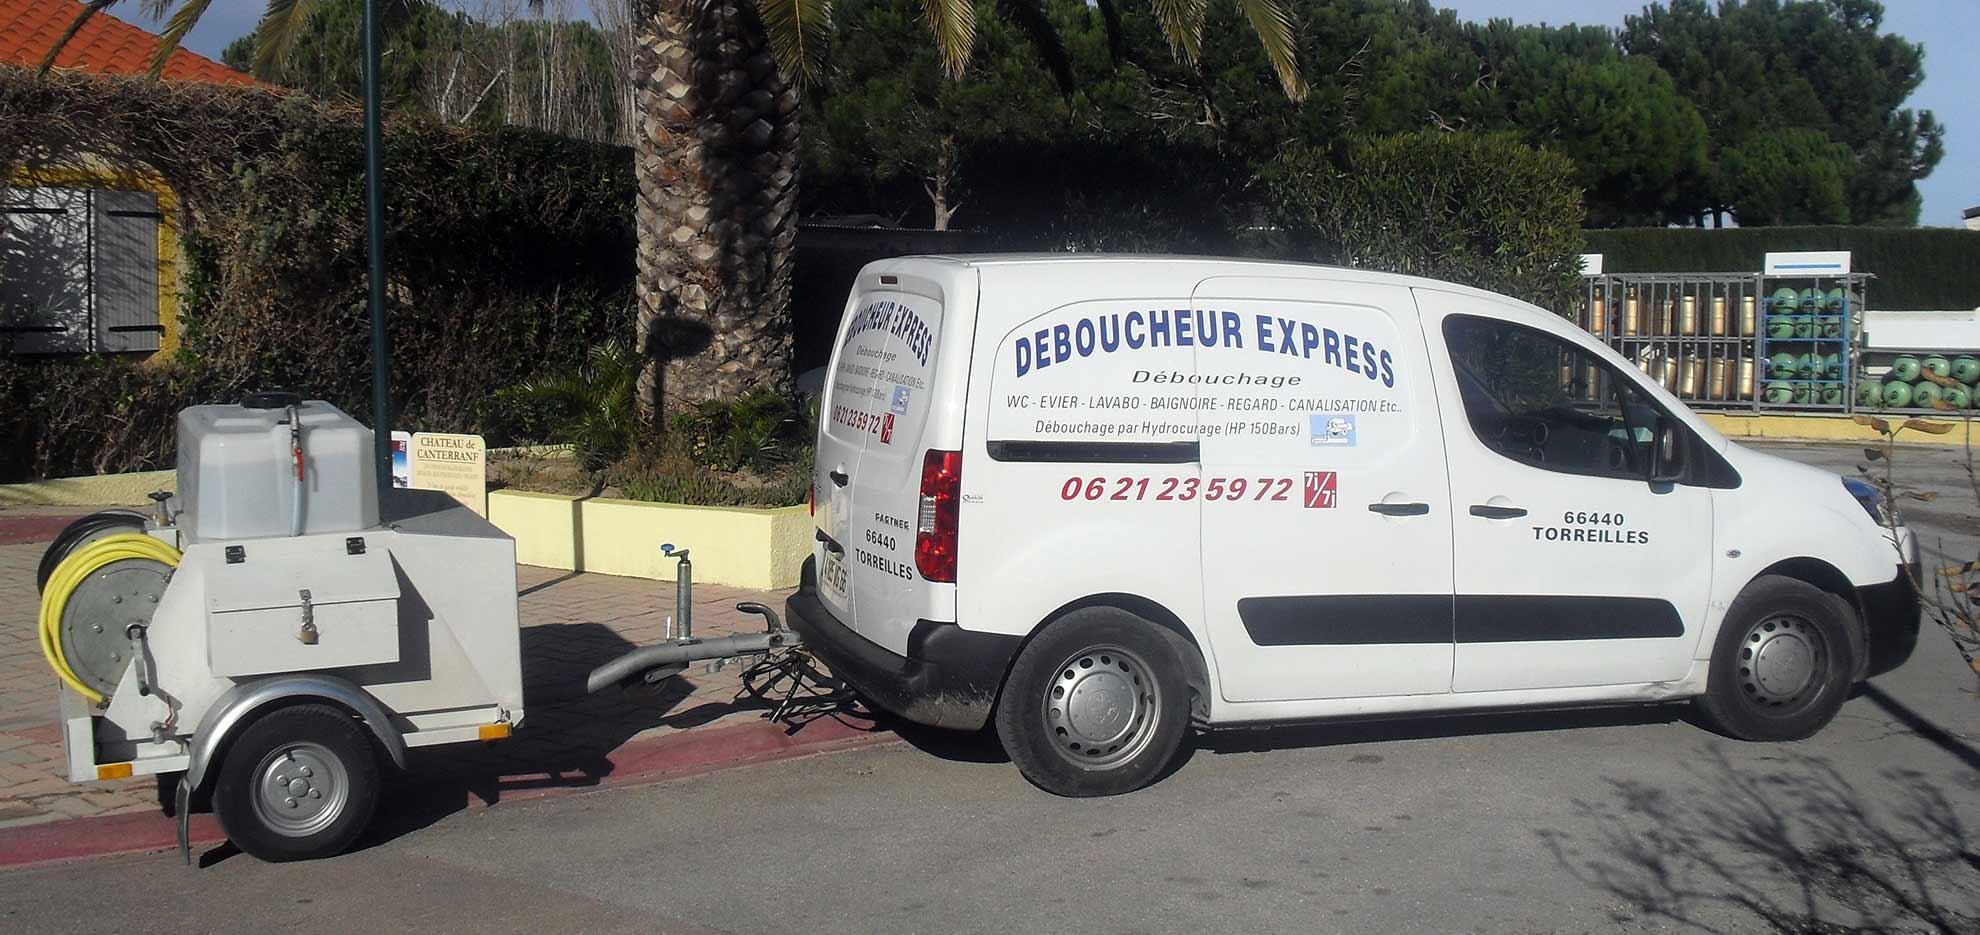 Déboucheur Express débouchage canalisation services d'assainissement Perpignan